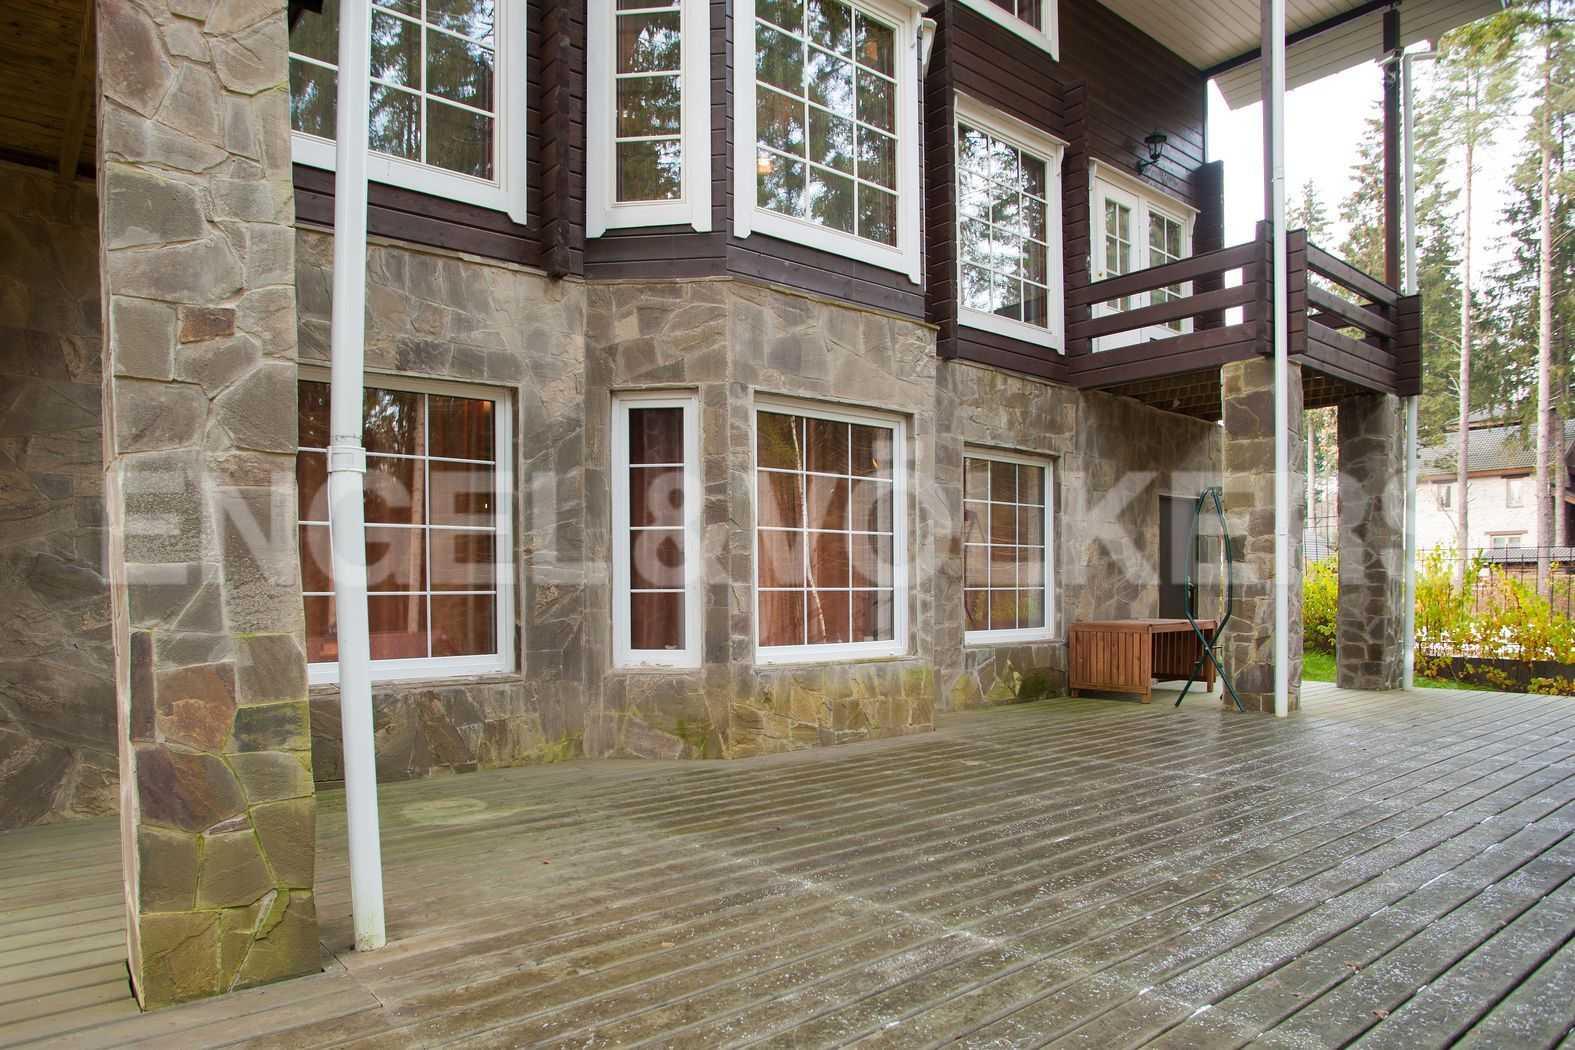 Элитные квартиры в Всеволожском районе. Ленинградская область, п. Вартемяги. Вид на дом